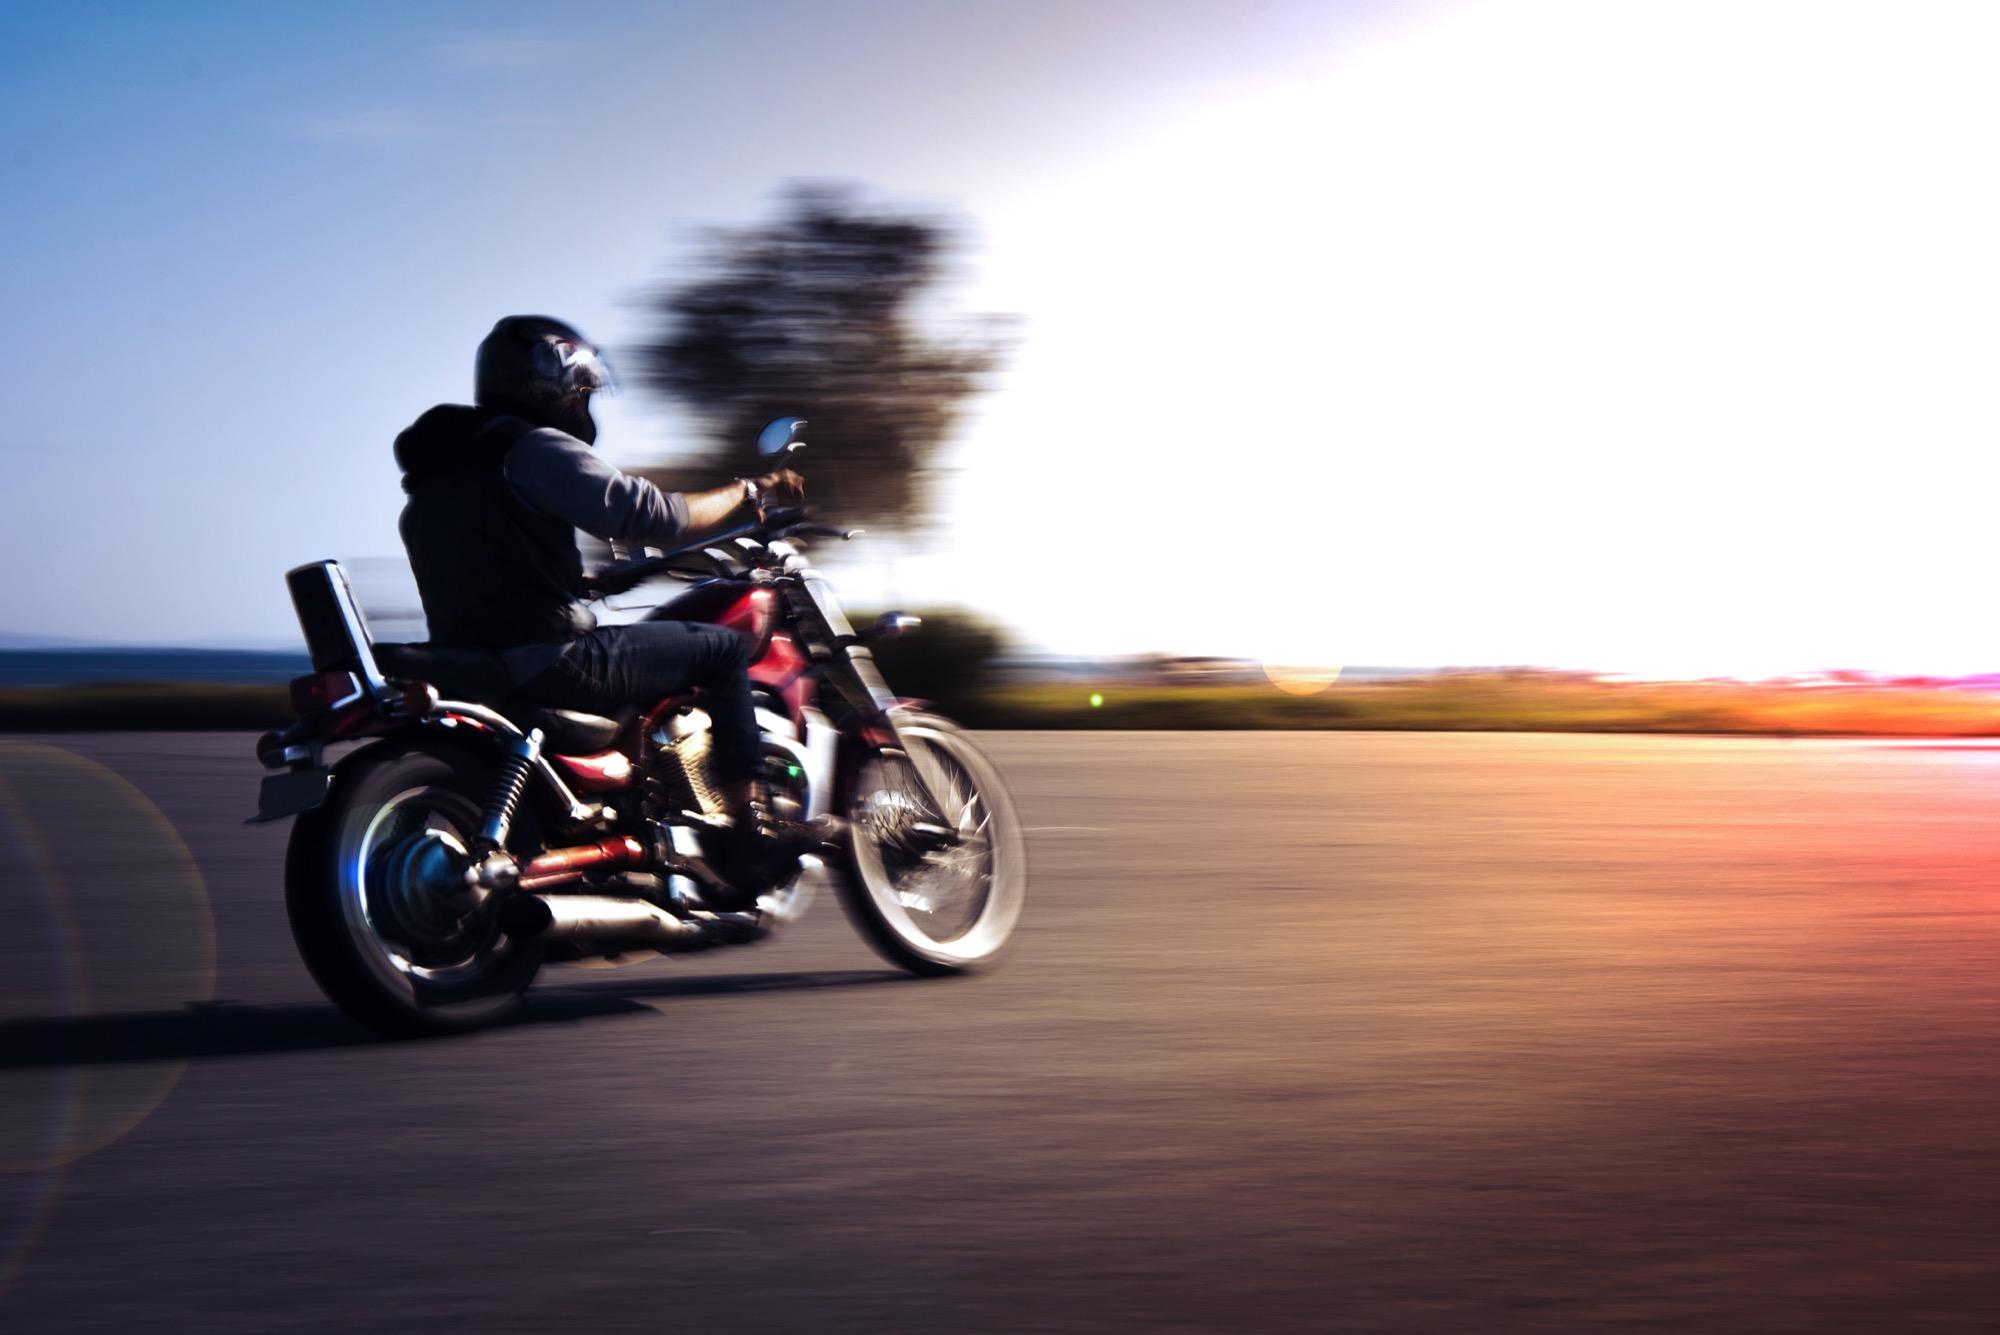 (arda savasciogullari/Shutterstock.com) Motorradstrecken in der Nähe von Hotel Haus Stallmeister